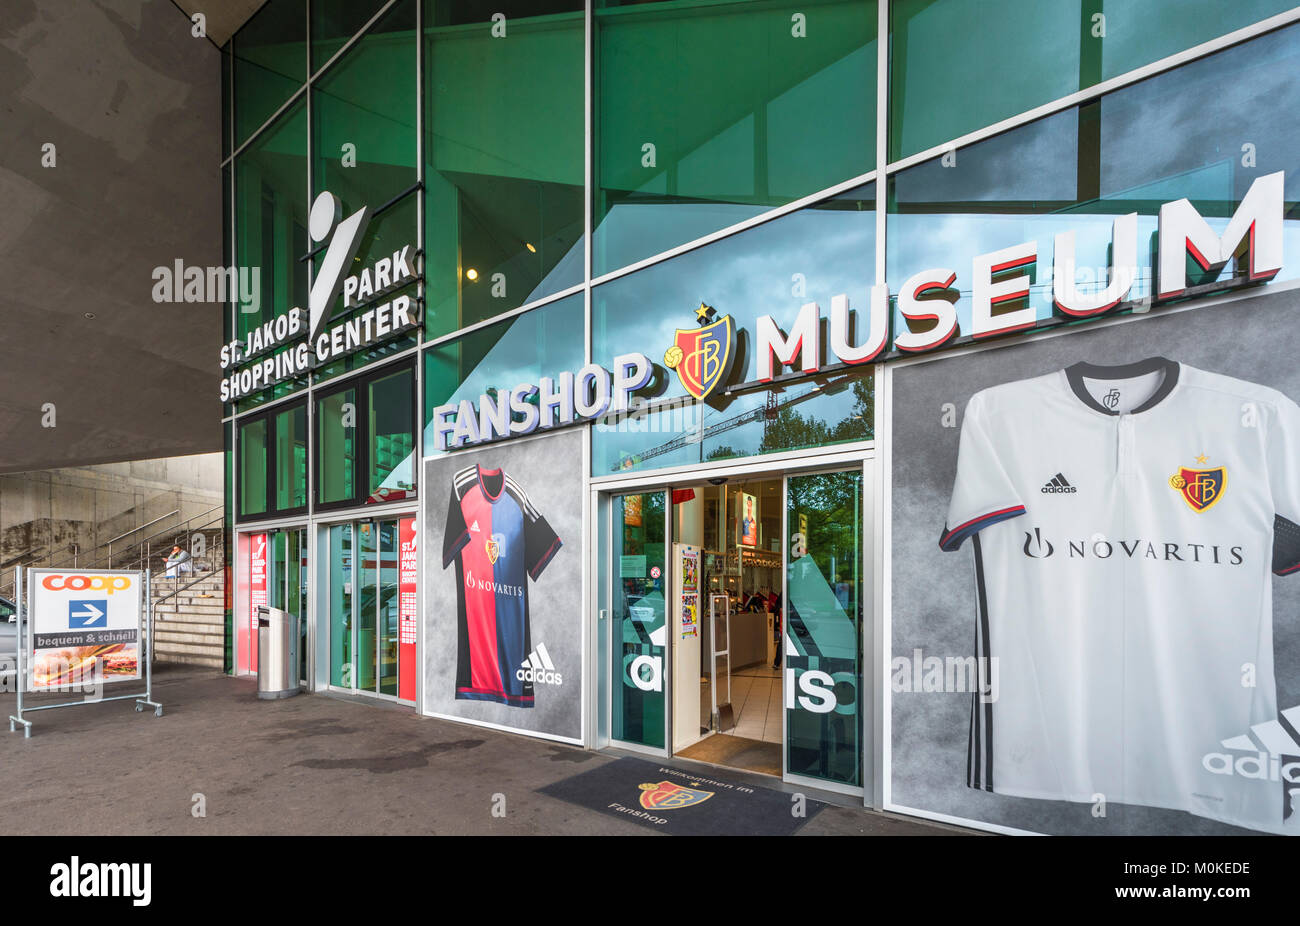 Football Shop Stock Photos & Football Shop Stock Images - Alamy